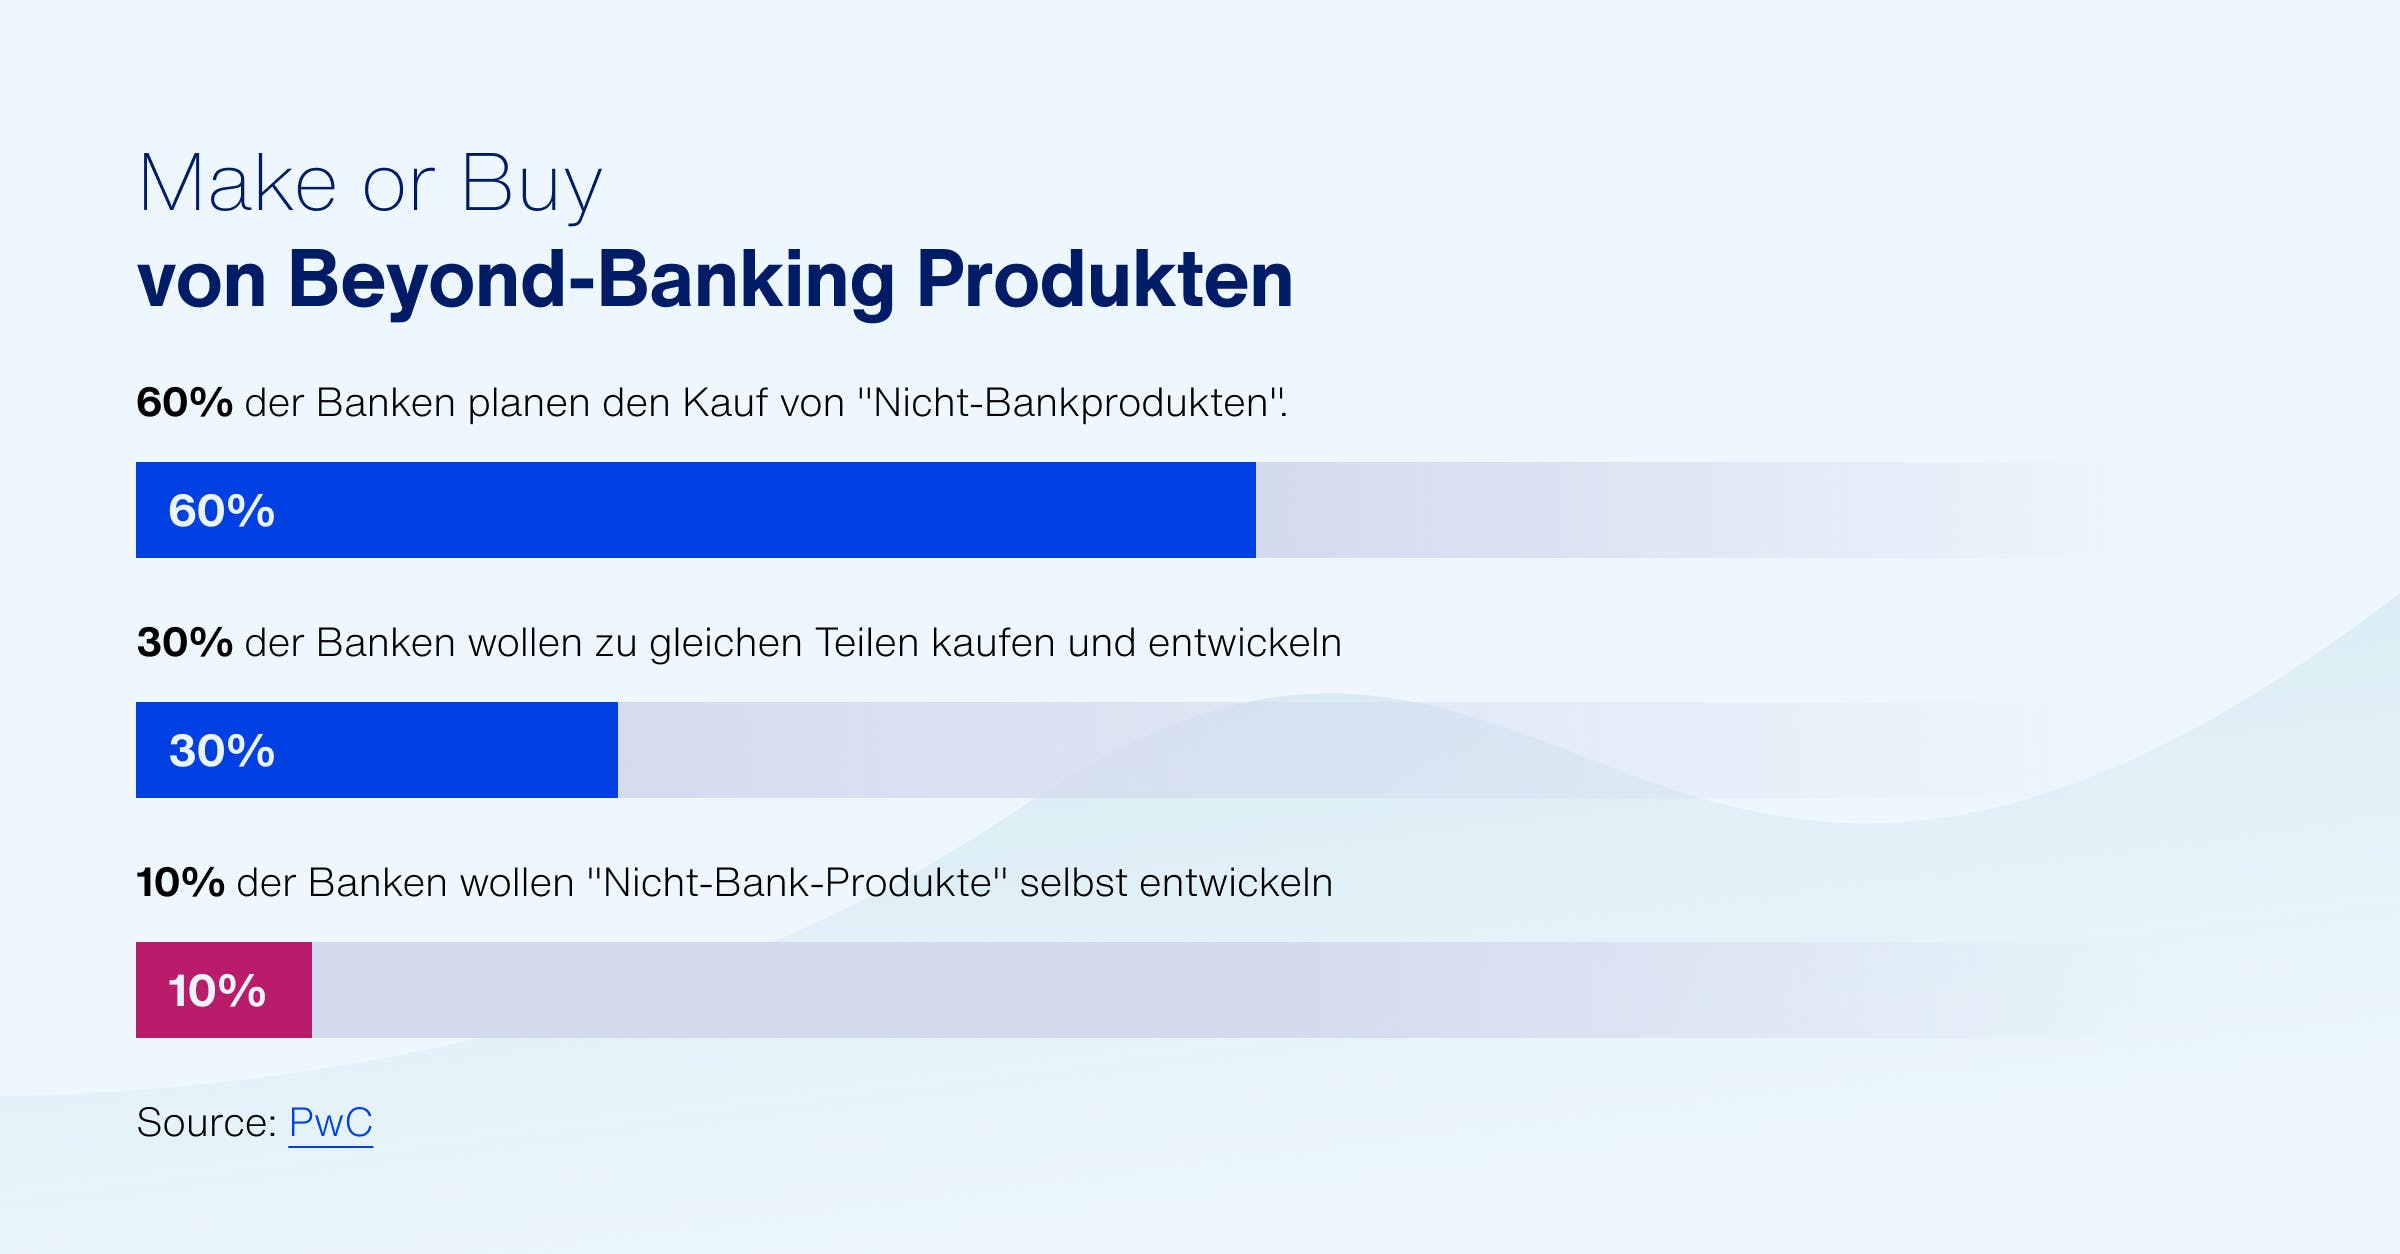 Make or Buy von Beyond-Banking Produkten